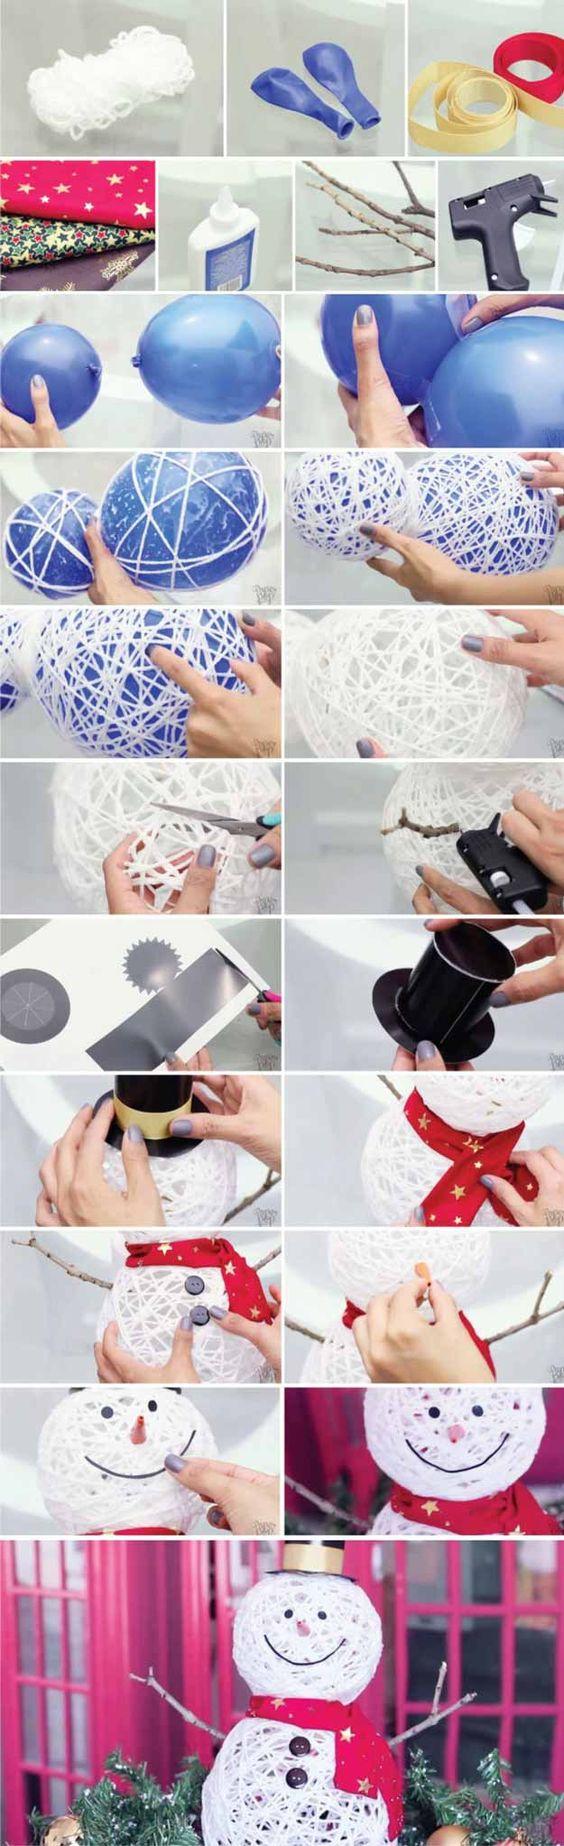 寻找一些你可以为家园做的雪人创意?如果你需要一些创意雪人的想法来装饰你的家,请检查这些。